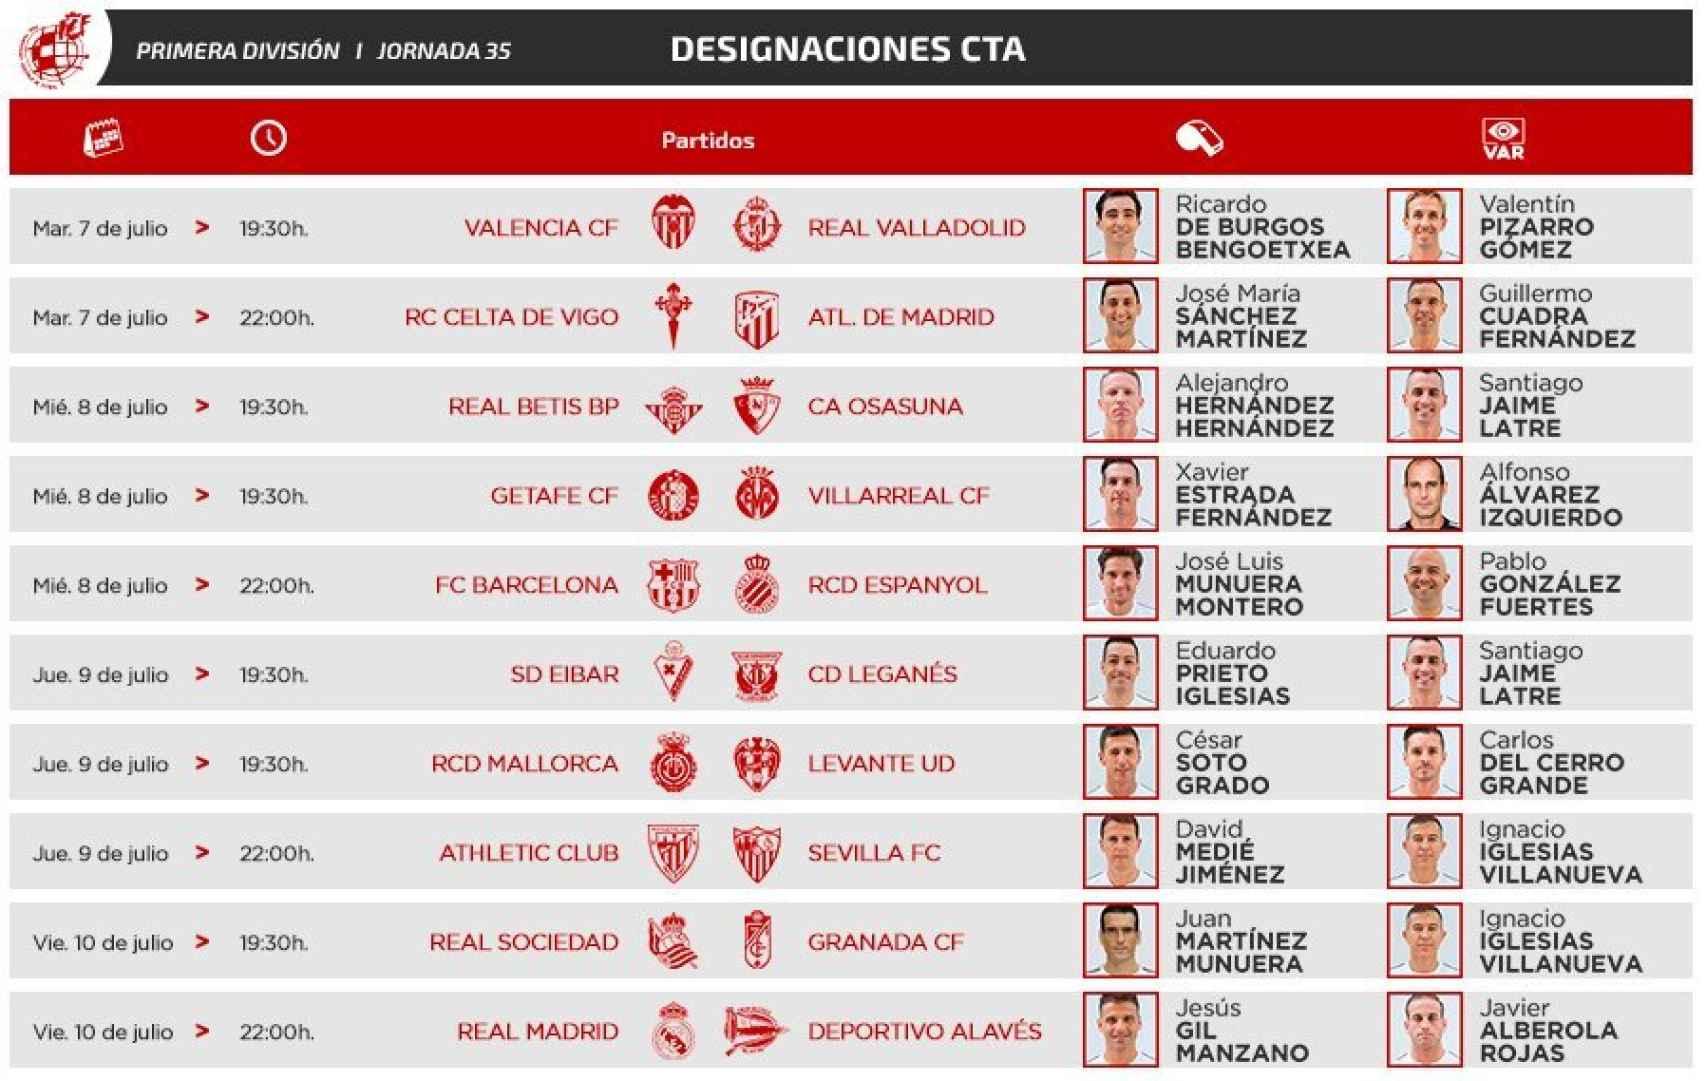 Las designaciones arbitrales de la jornada 35 de La Liga